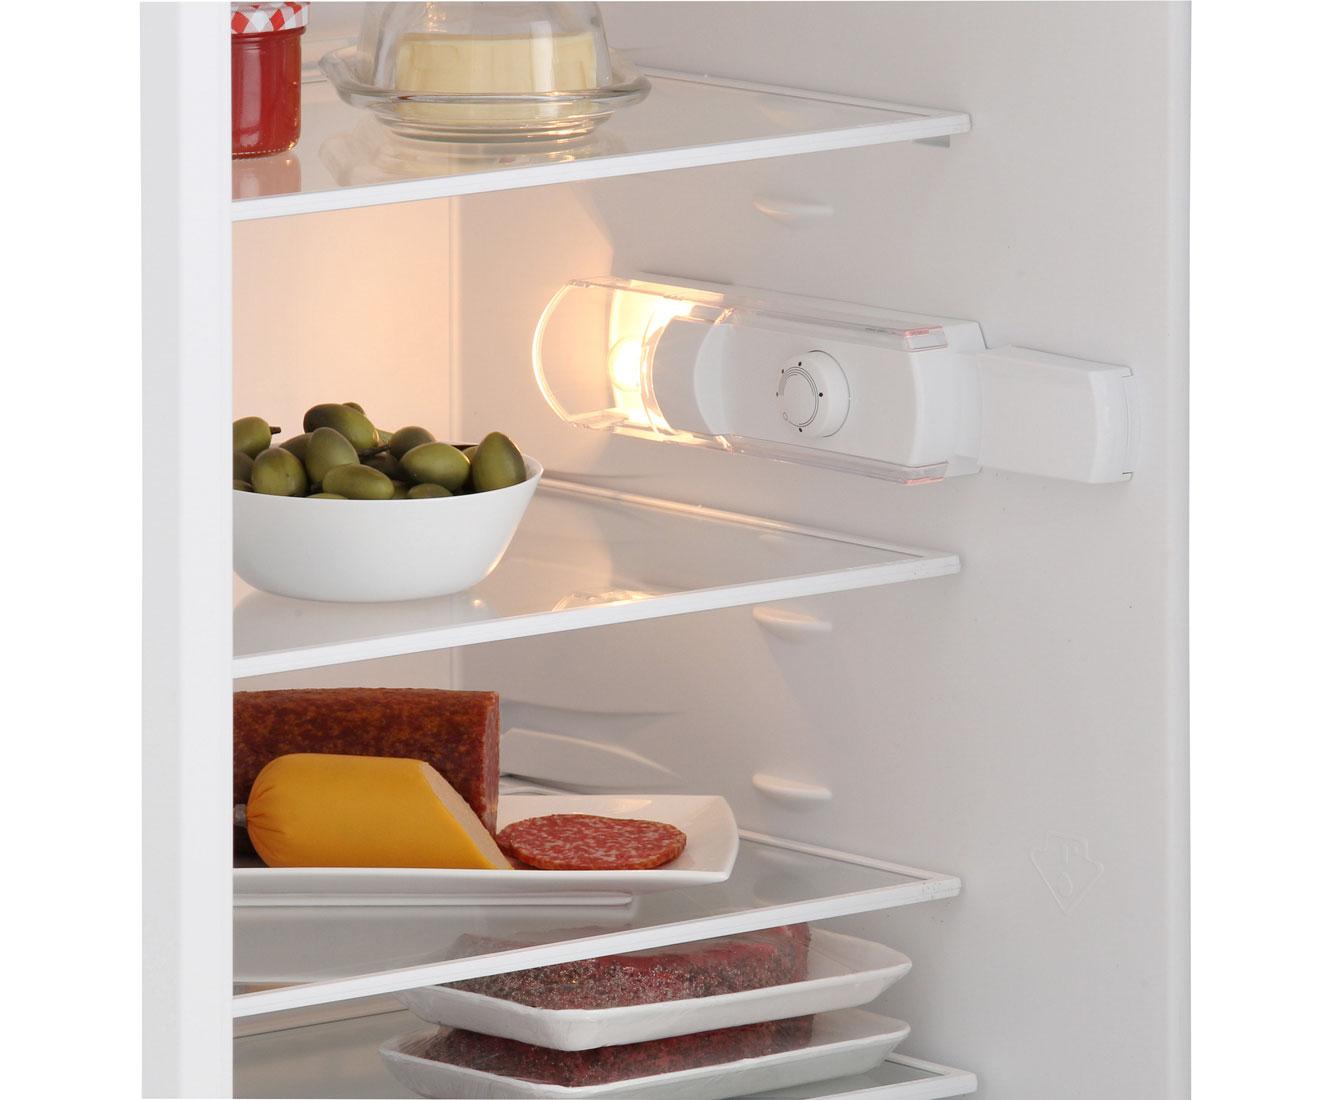 Aeg Kühlschrank Einstellen : Kühlschrank festtür einstellen kühlschrank modelle